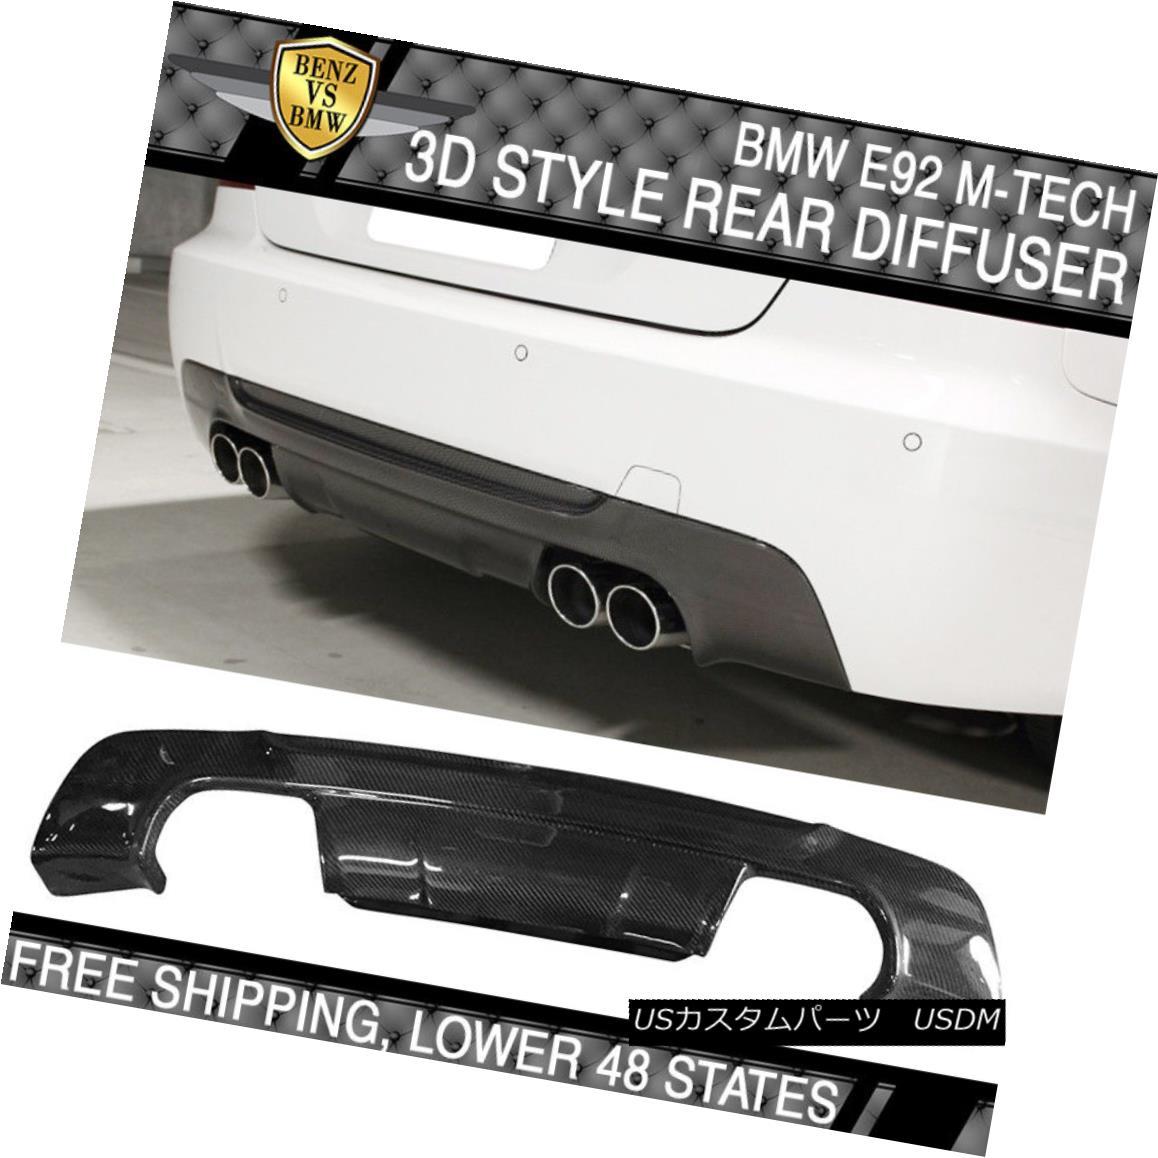 エアロパーツ Fits E92 07-13 BMW E92 3 3 Series M-Tech M E92 Sport 3D Style Rear Diffuser Carbon Fiber フィット07-13 BMW E92 3シリーズM-Tech Mスポーツ3Dスタイルリアディフューザーカーボンファイバー, 日本のあかり simple lights store:75dec35f --- officewill.xsrv.jp